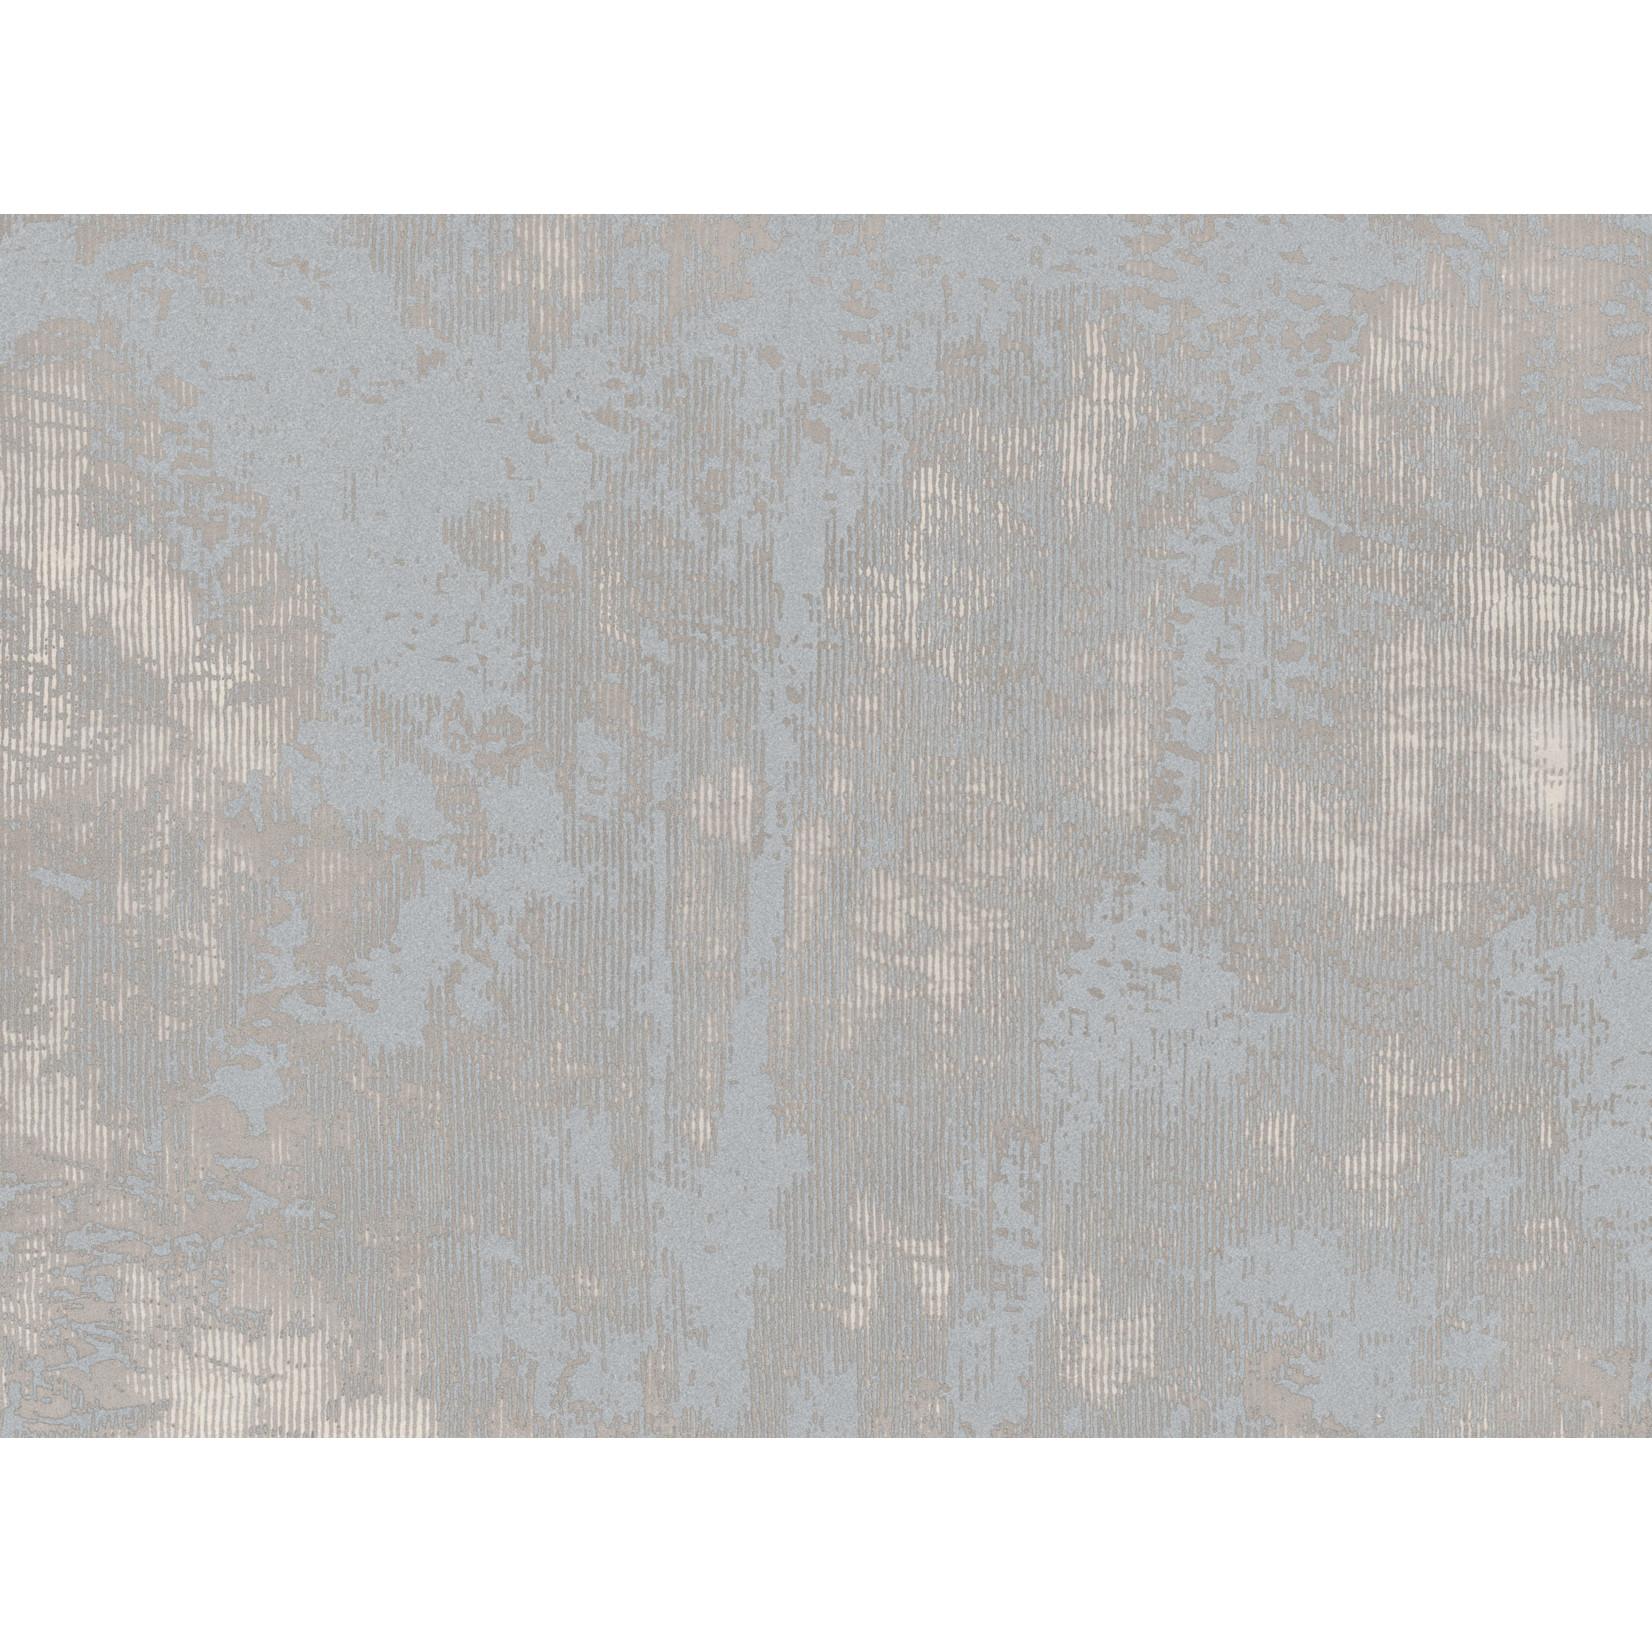 Black Edition Mizumi Wallcoverings   Utsuro Glacier